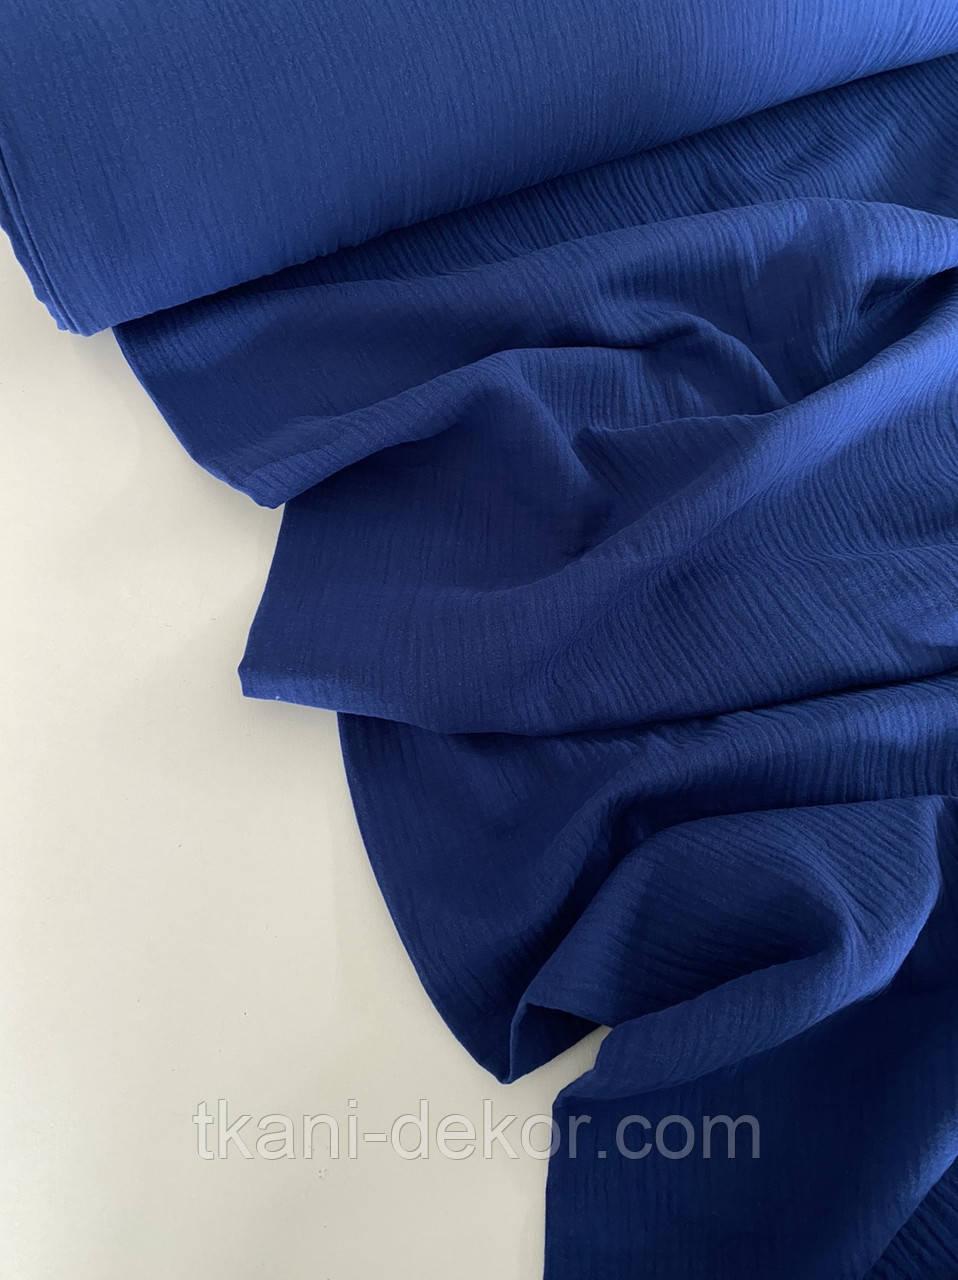 Муслін (бавовняна тканина) жатка синій однотон (ширина 1,35 м)